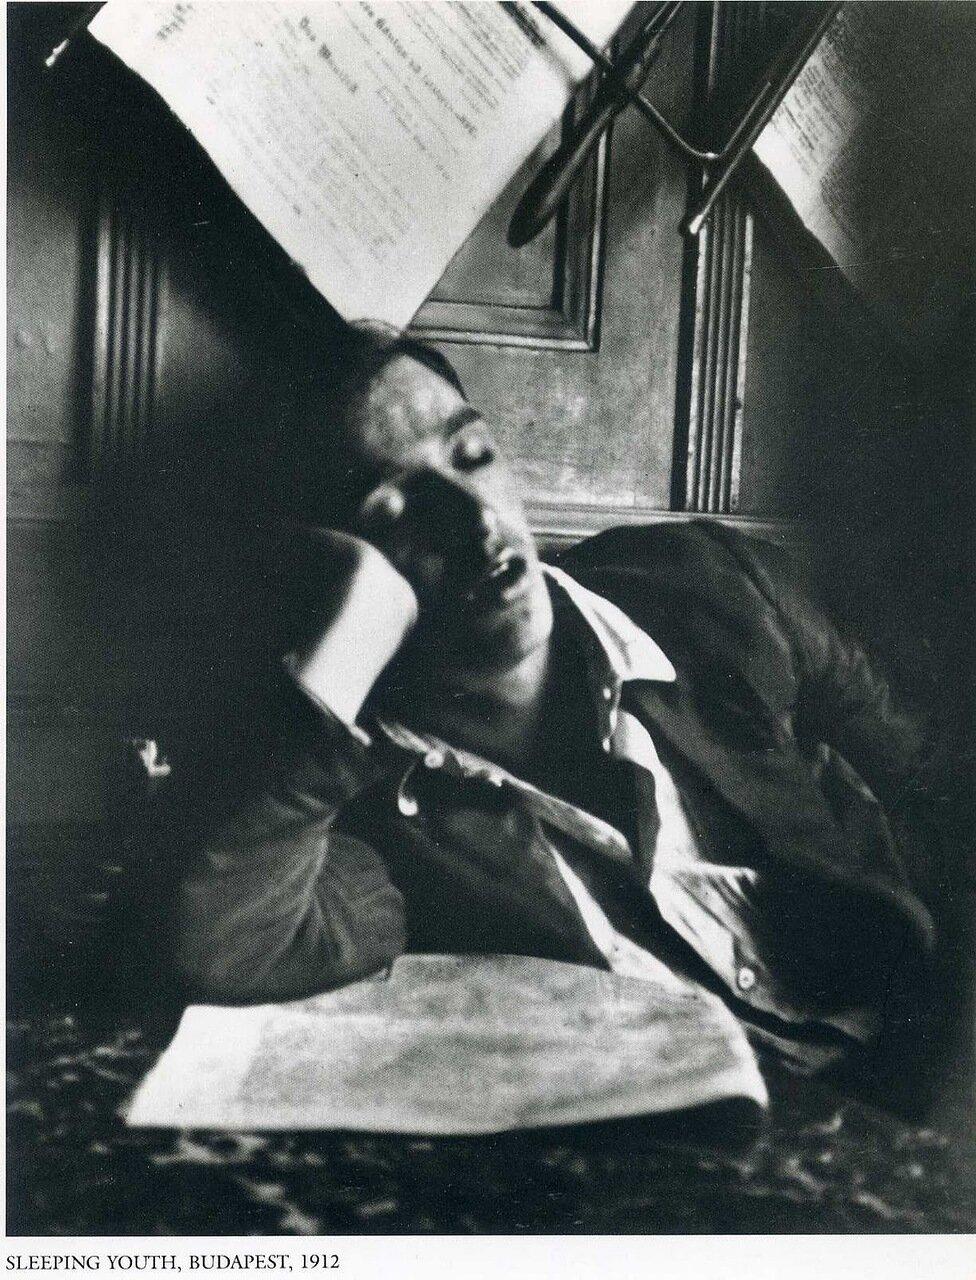 Спящий юноша. Будапешт, 1912